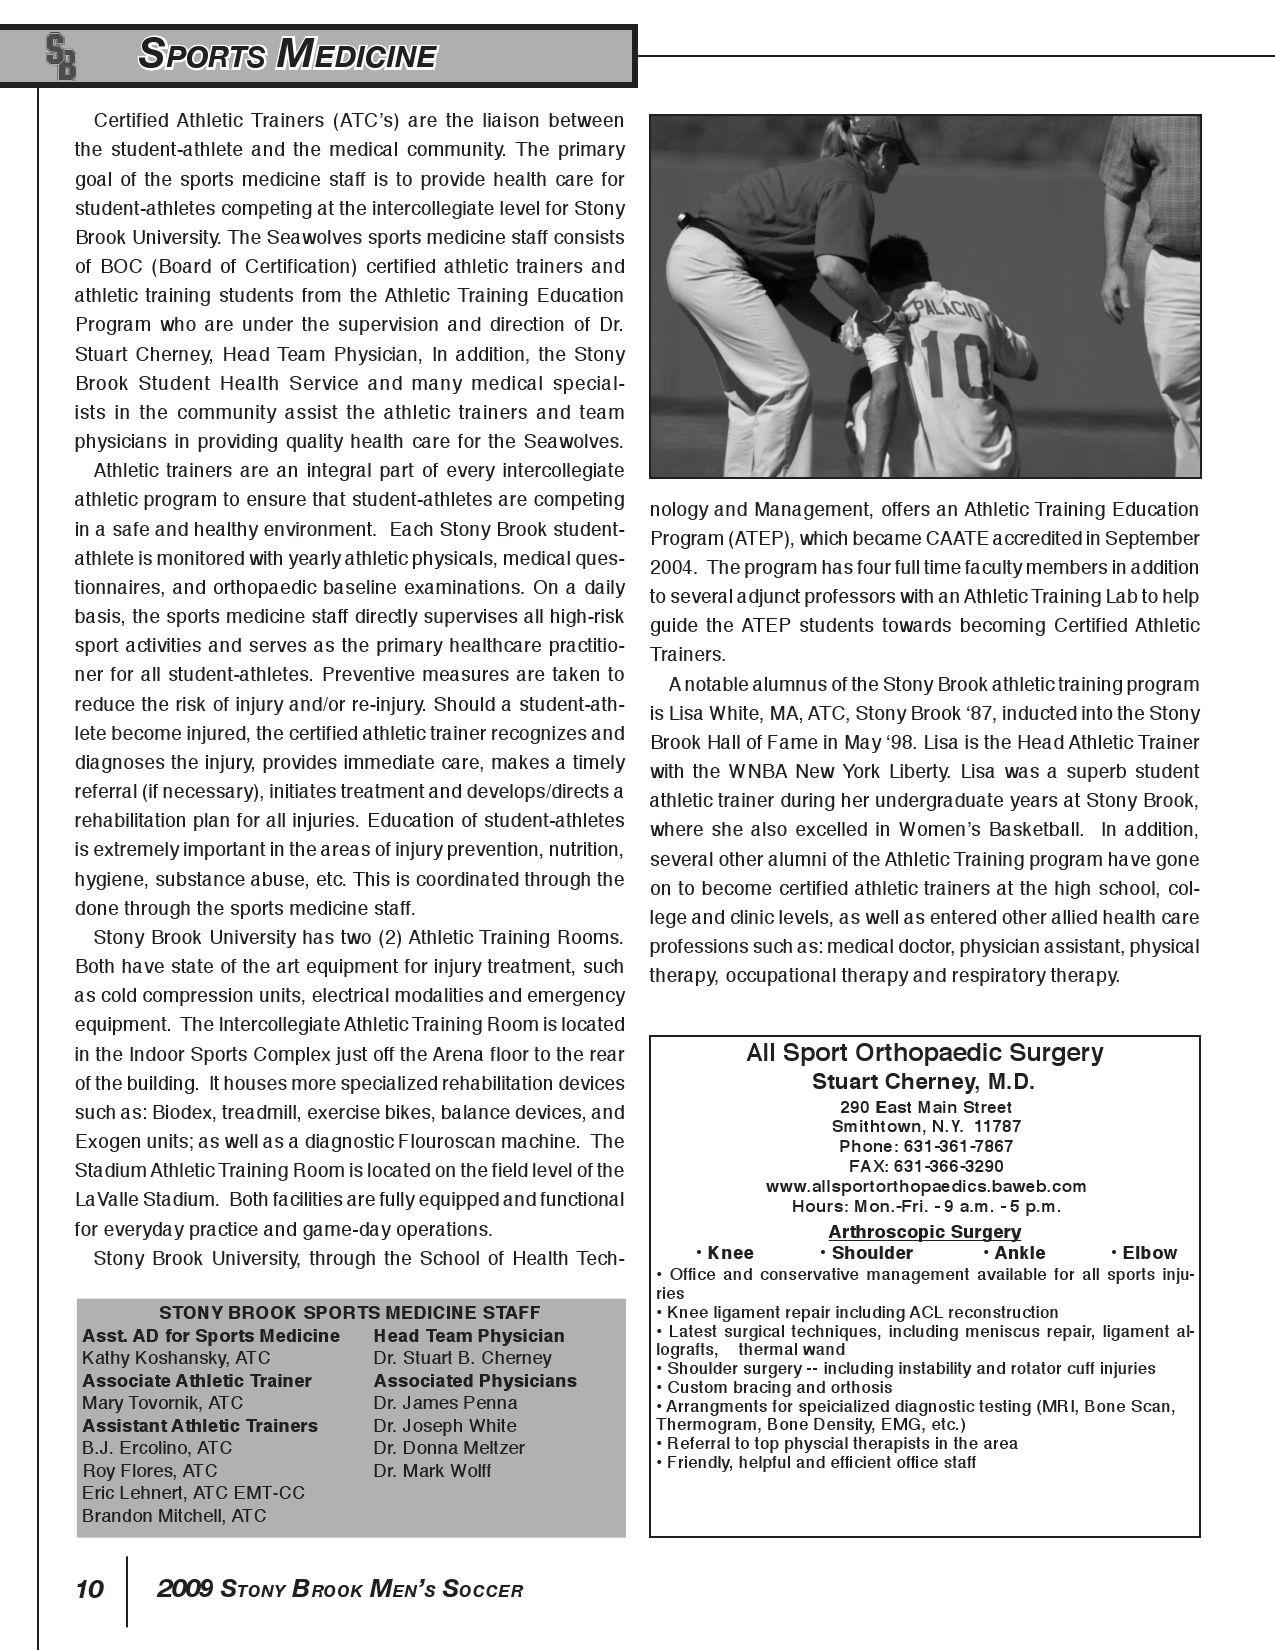 2009 Stony Brook Men's Soccer Media Guide by Stony Brook